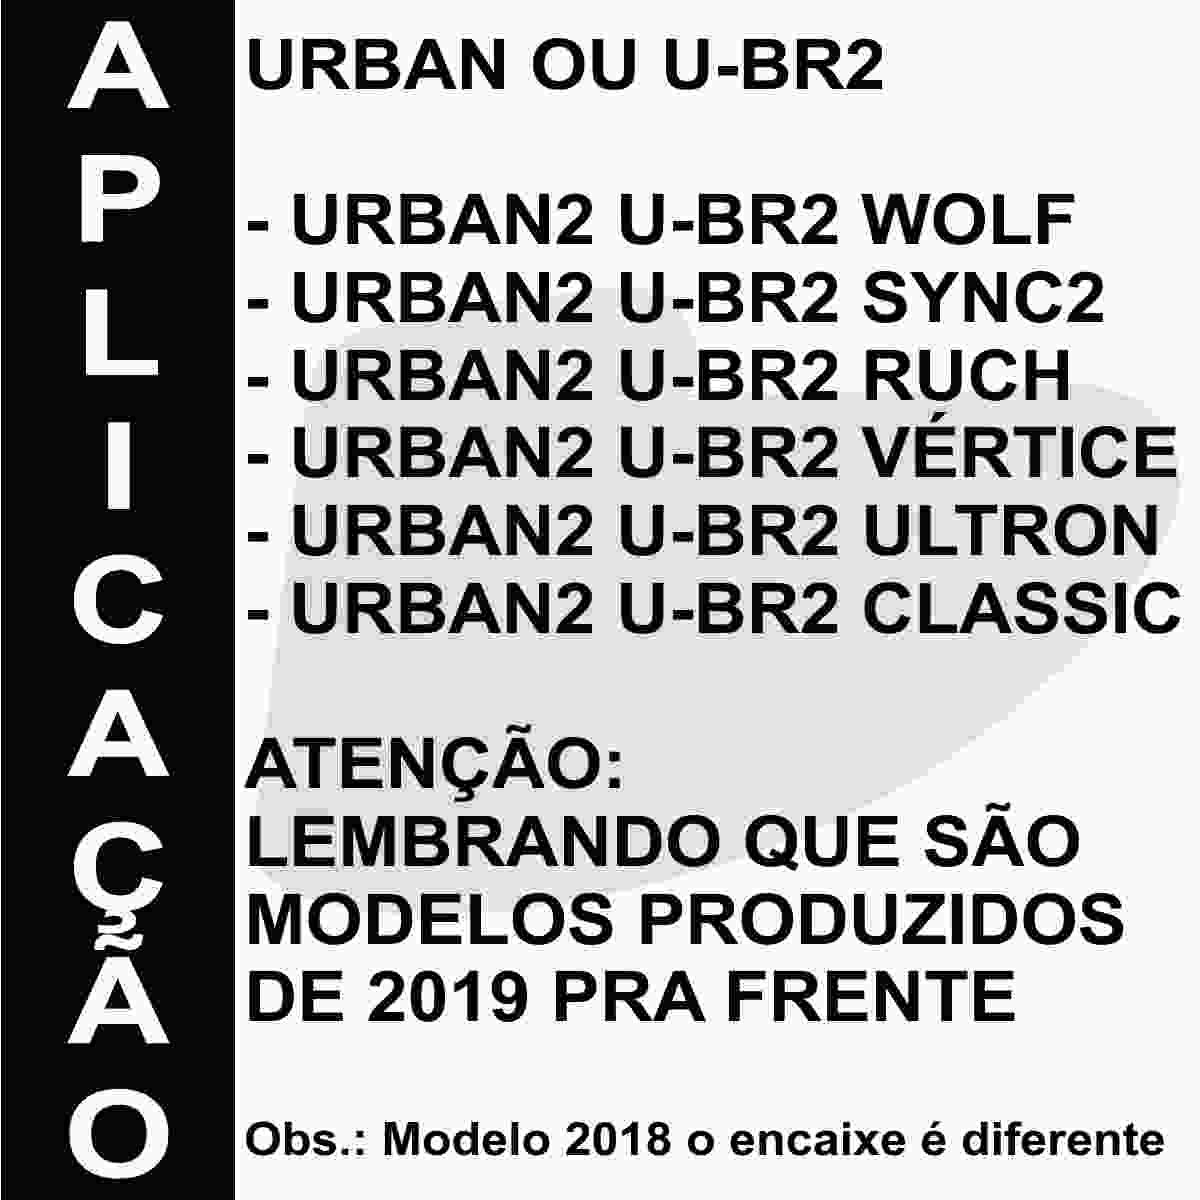 KIT VISEIRA CRISTAL CAPACETE PEELS URBAN U-RB2 19 ANTIRRISCO EM POLICARBONATO + BAIONETA DE FIXAÇÃO